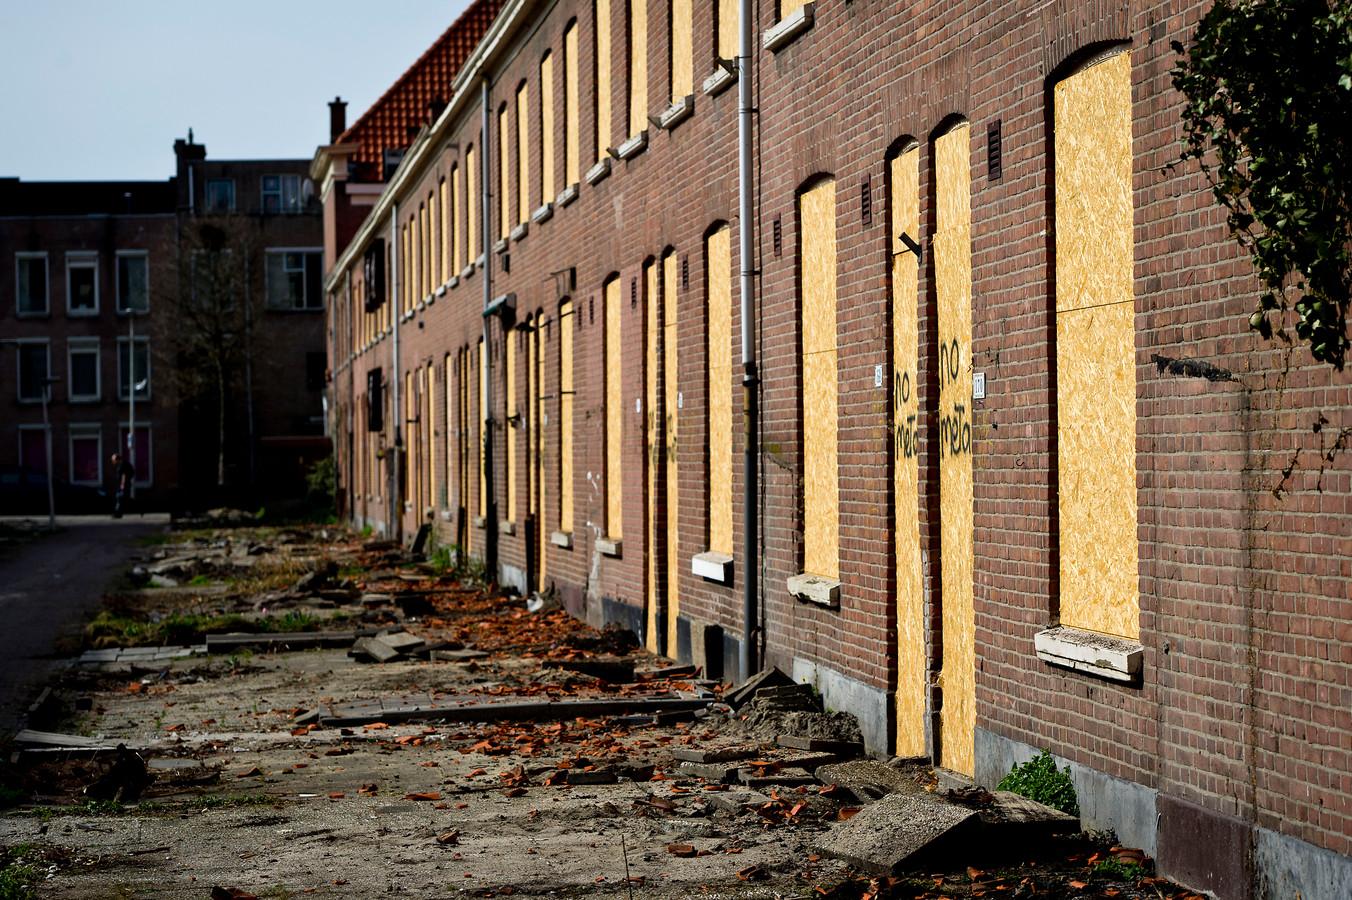 Het aantal nieuwbouwwoningen neemt niet alleen af. Er worden ook sociale huurhuizen gesloopt, verkocht of geliberaliseerd. Daardoor neemt het aandeel sociale woningbouw rap af.